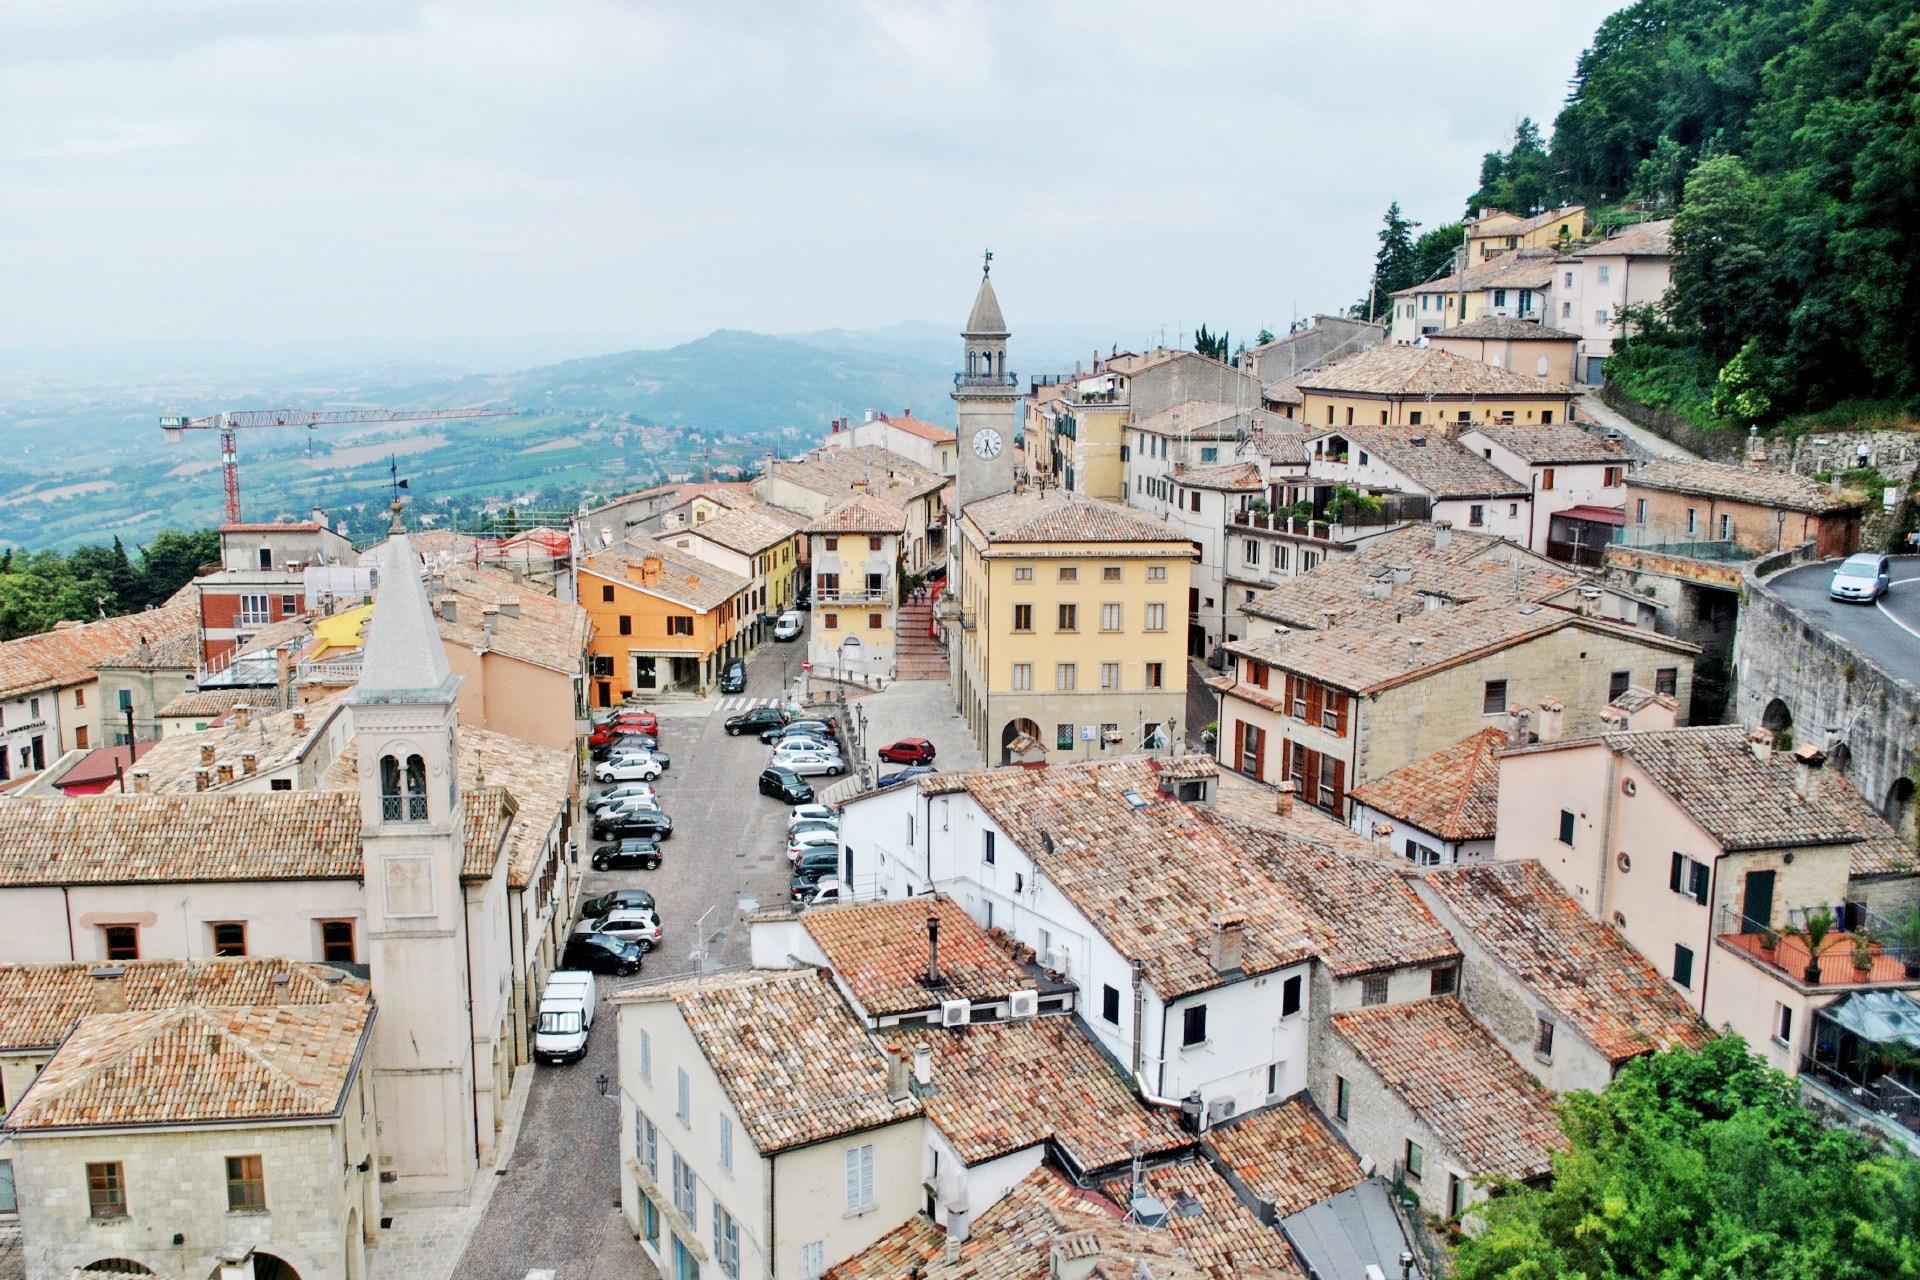 サン・マリノの街並み サン・マリノの風景